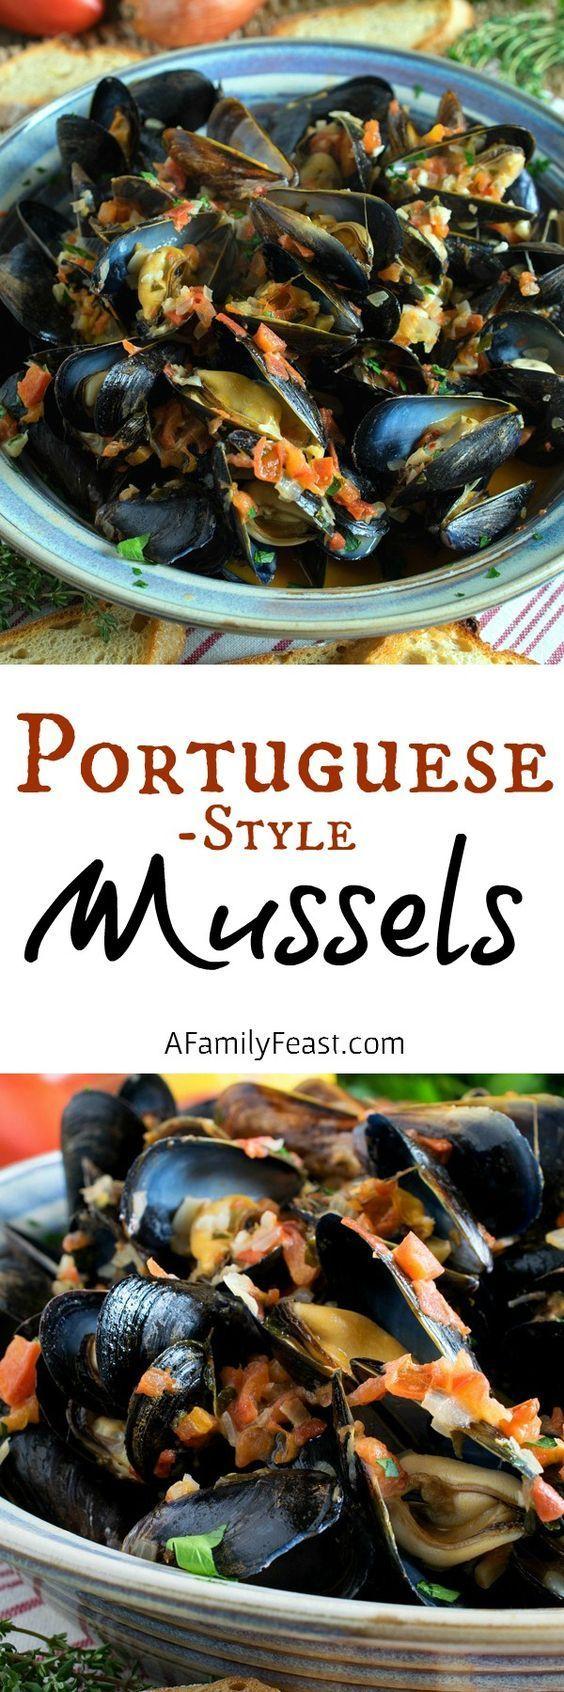 PortugueseStyle Mussels in Garlic Cream Sauce Recipe